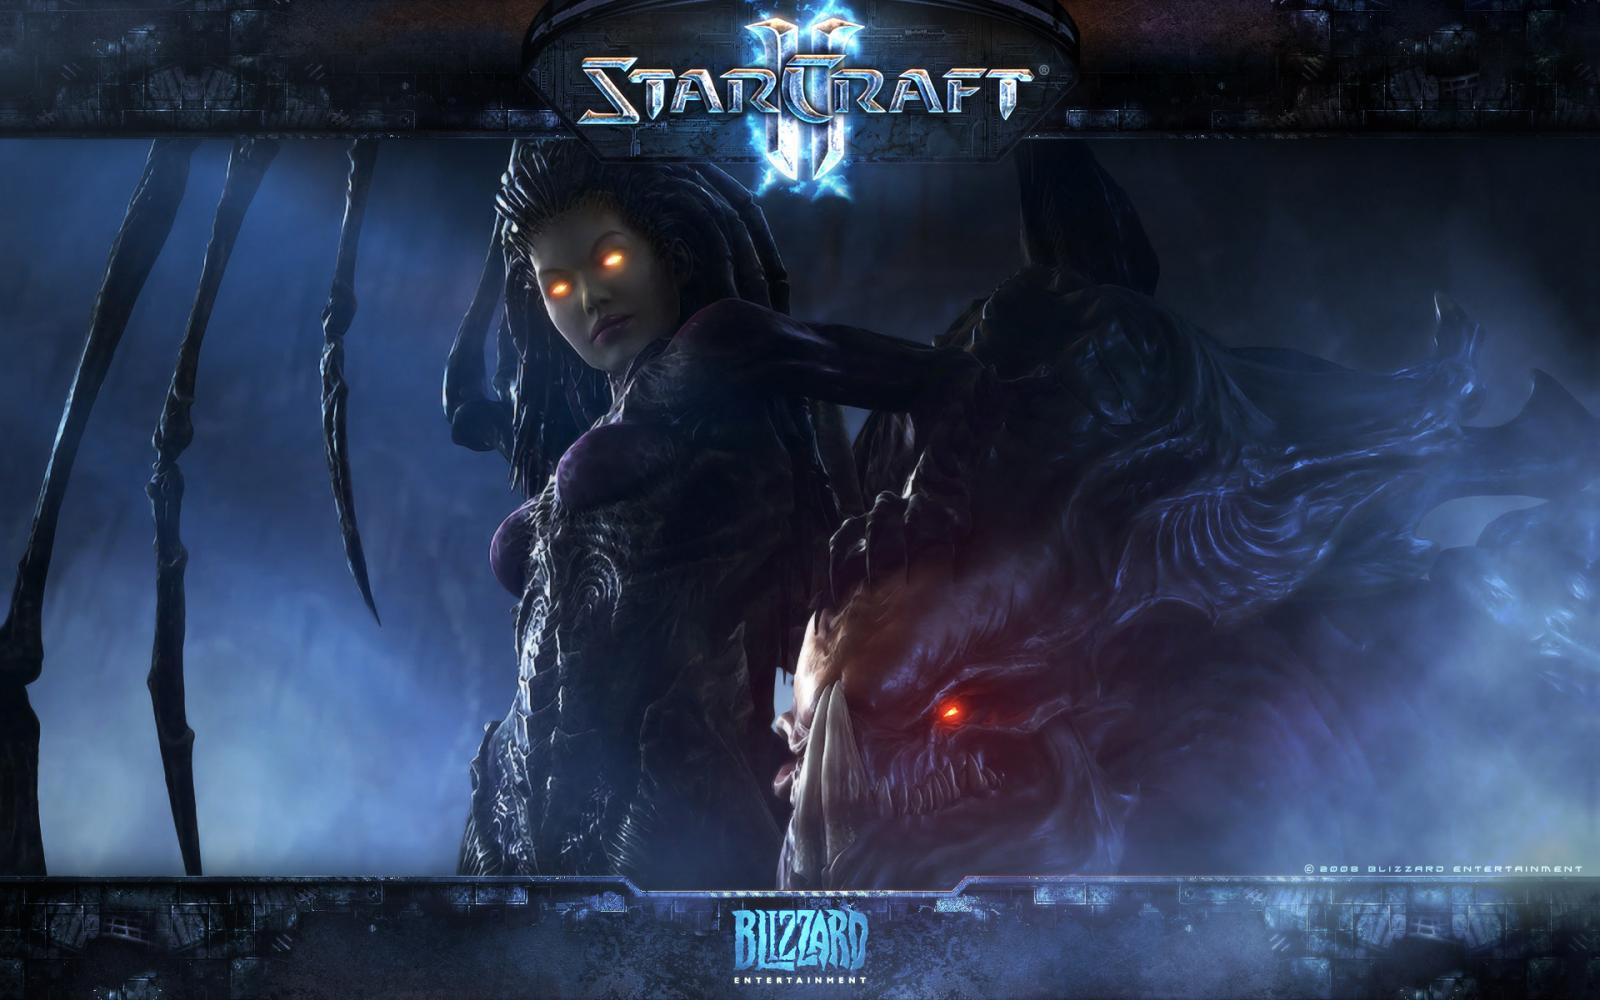 Wallpaper StarCraft 2 Kerrigan Jeux video